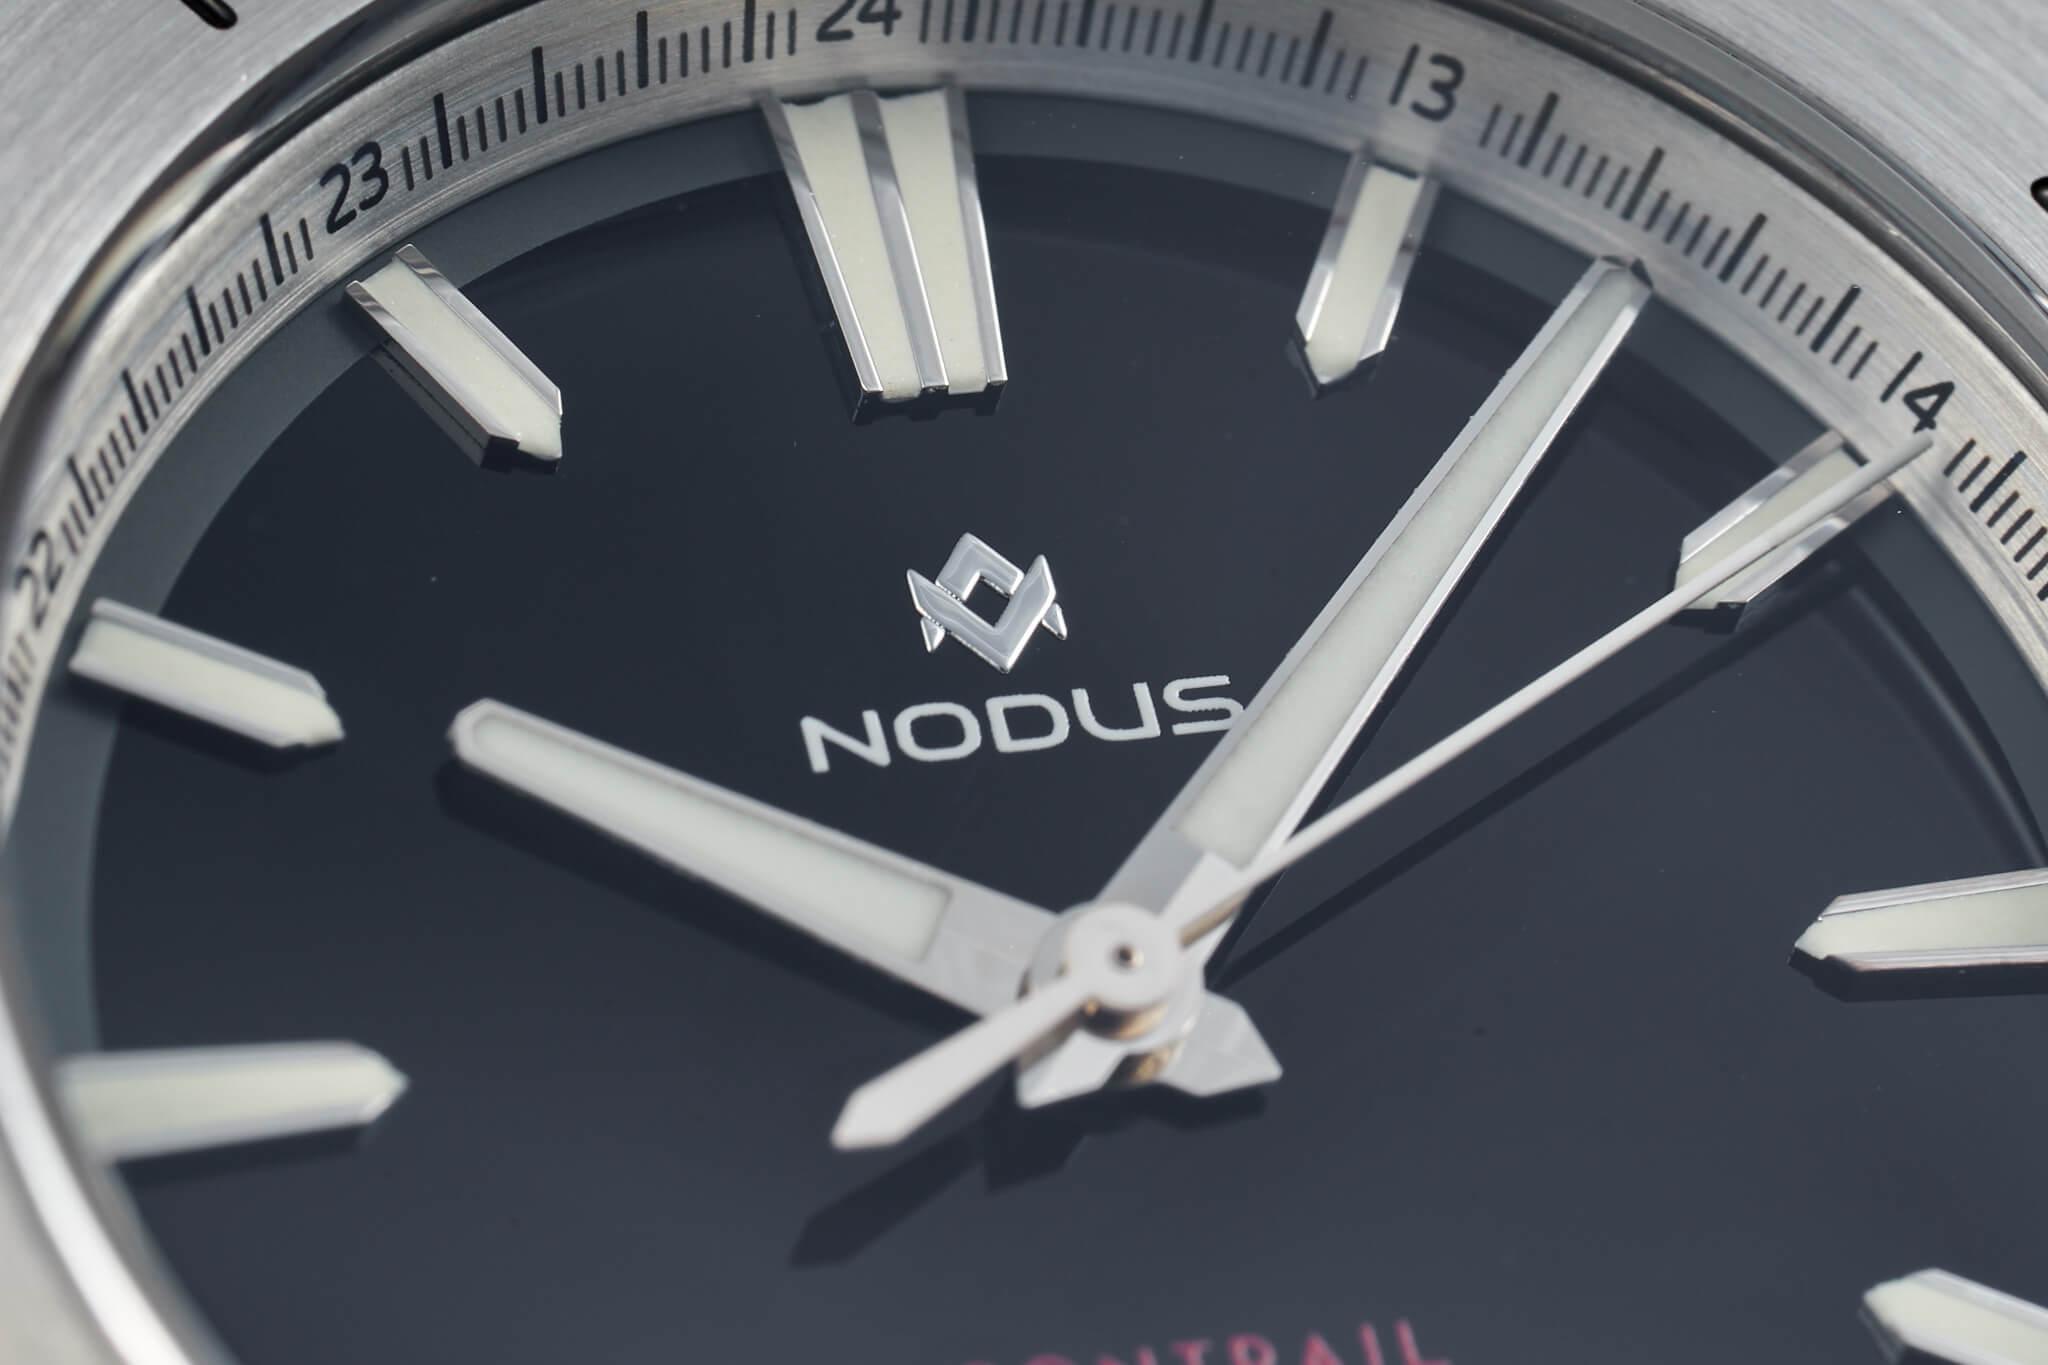 nodus-contrail-2-12